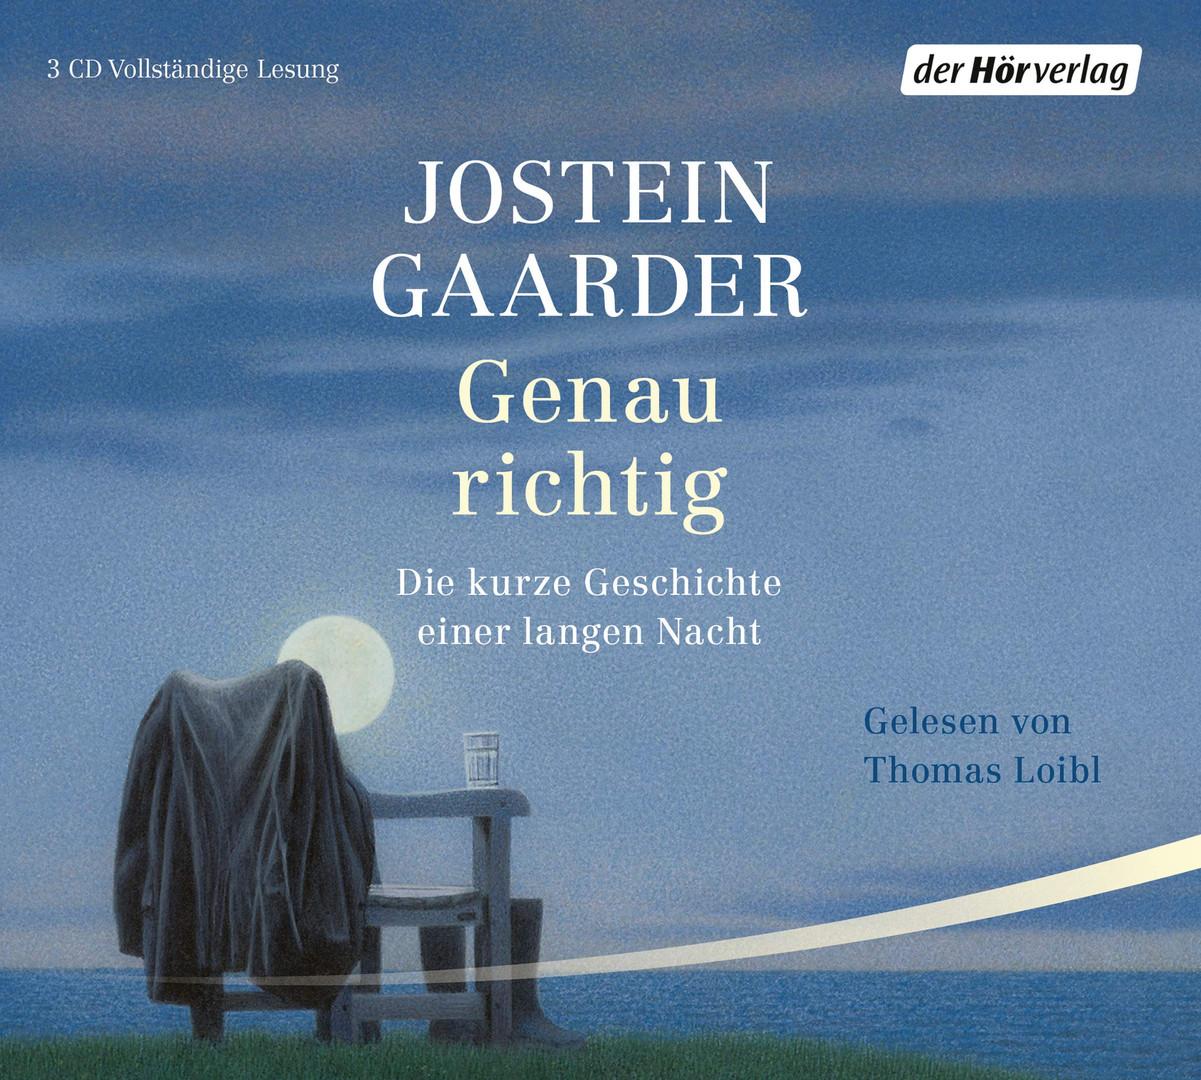 Jostein Gaarder - Genau richtig: Die kurze Geschichte einer langen Nacht